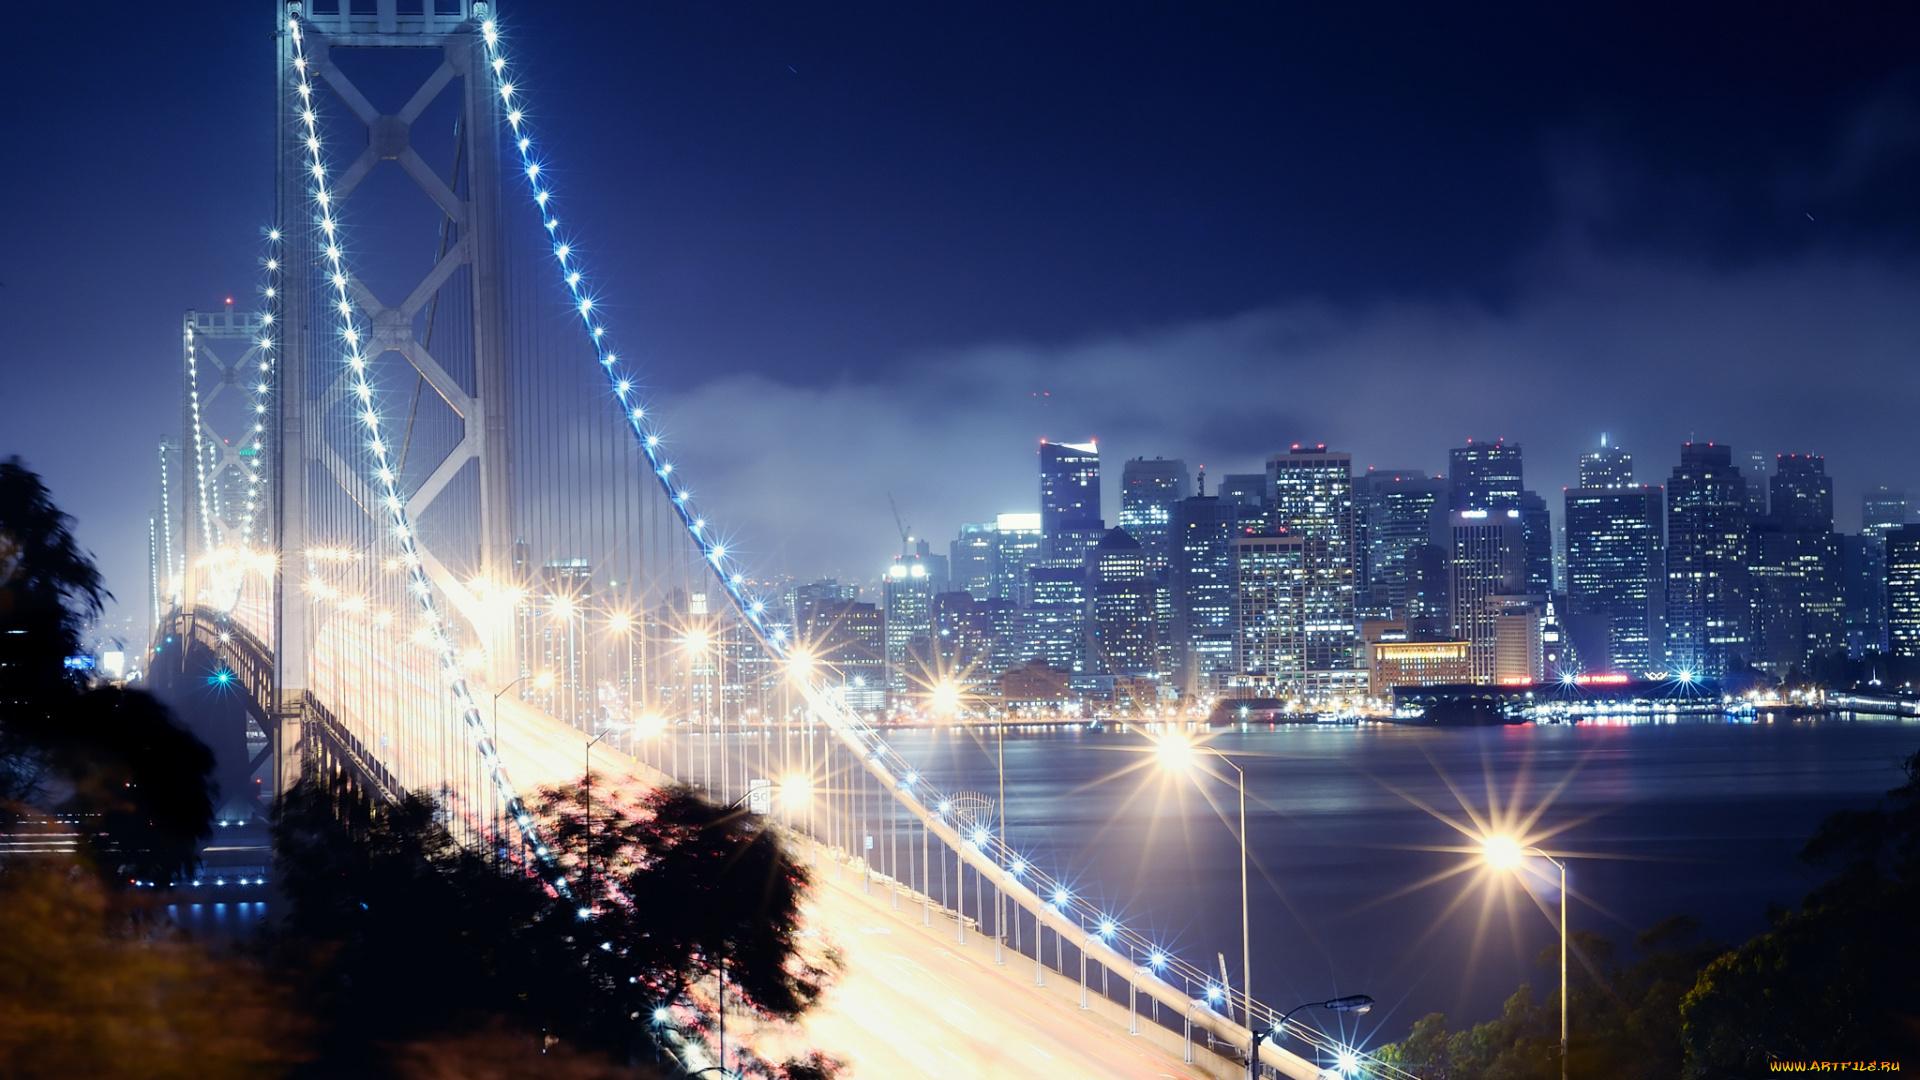 Мост огни ночь  № 3716529  скачать